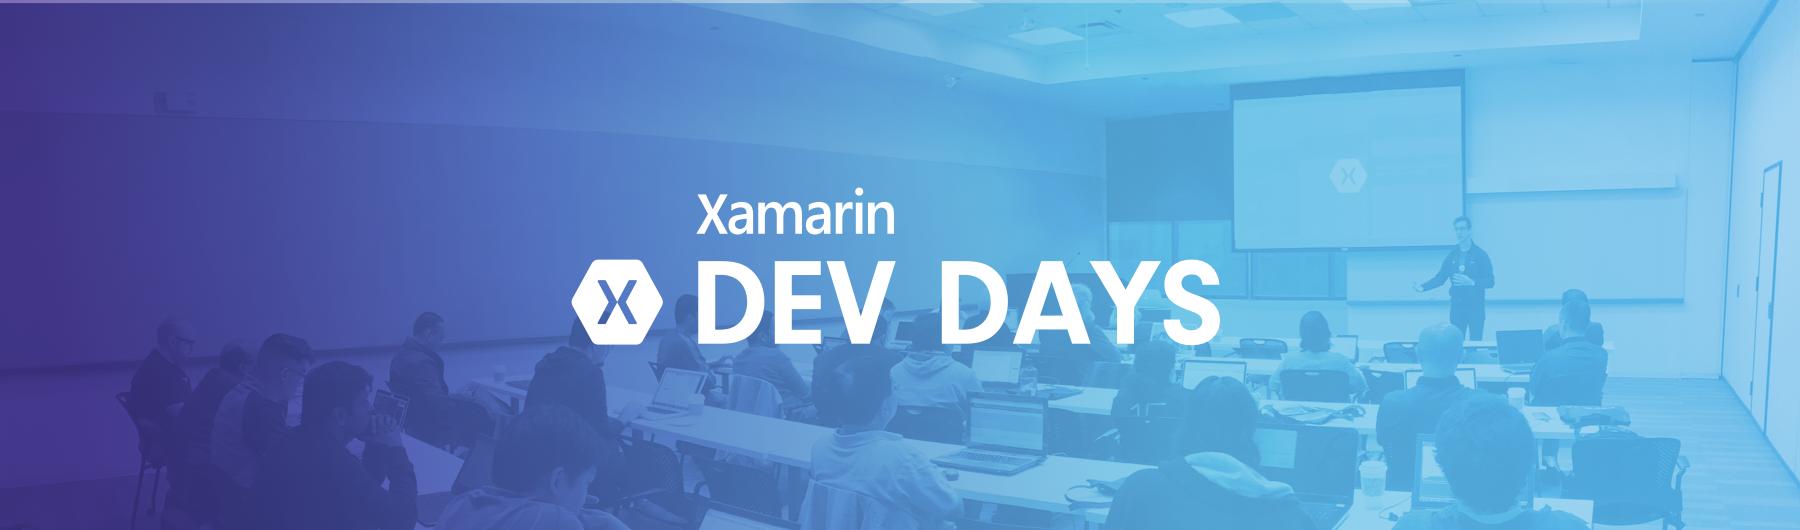 Xamarin Dev Days - Columbus